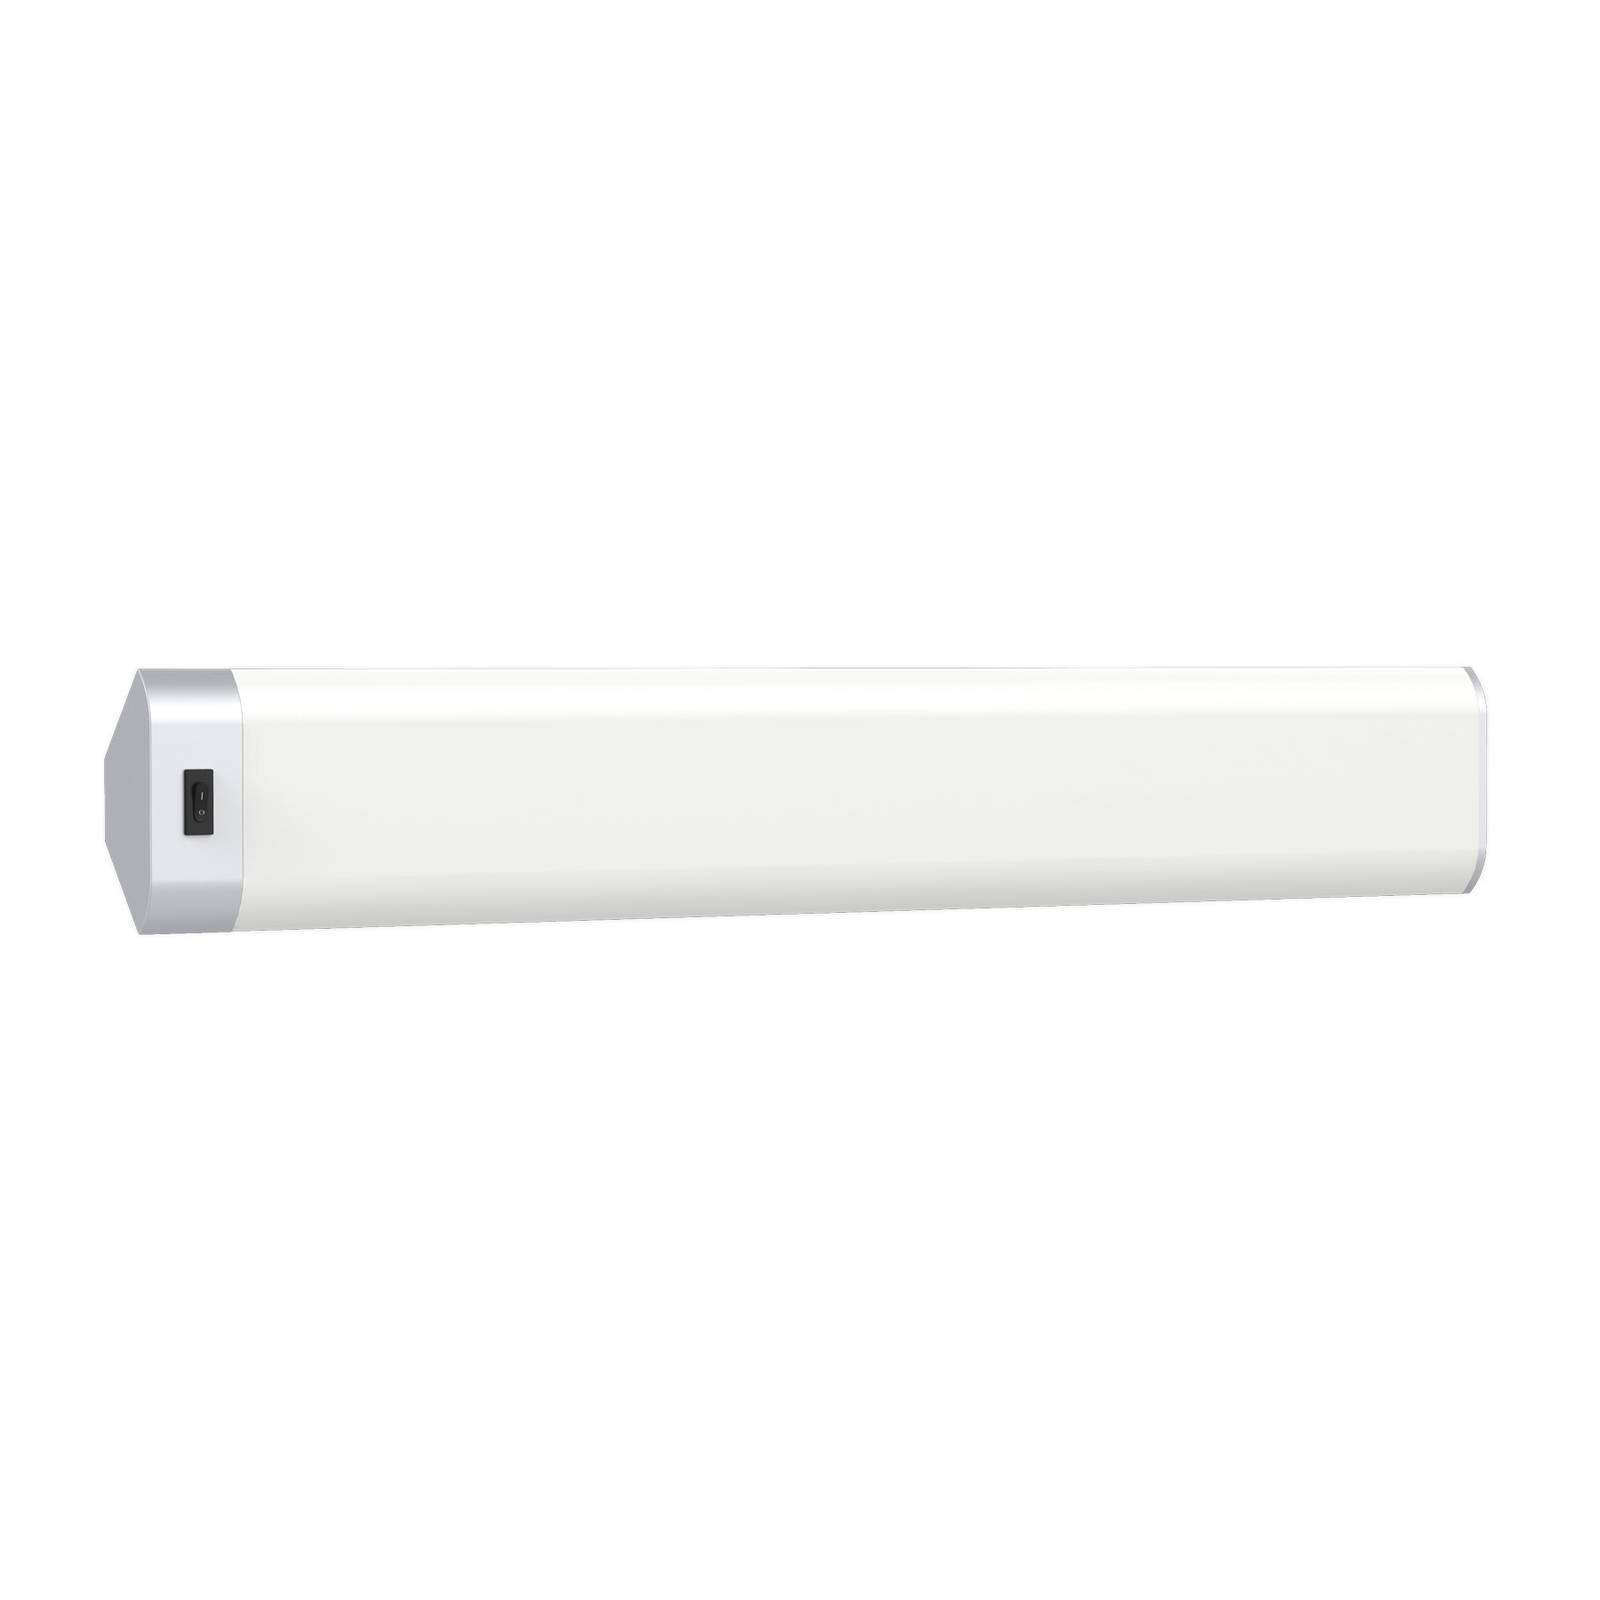 Lindby Sherina LED-kaapinalusvalaisin, 48 cm